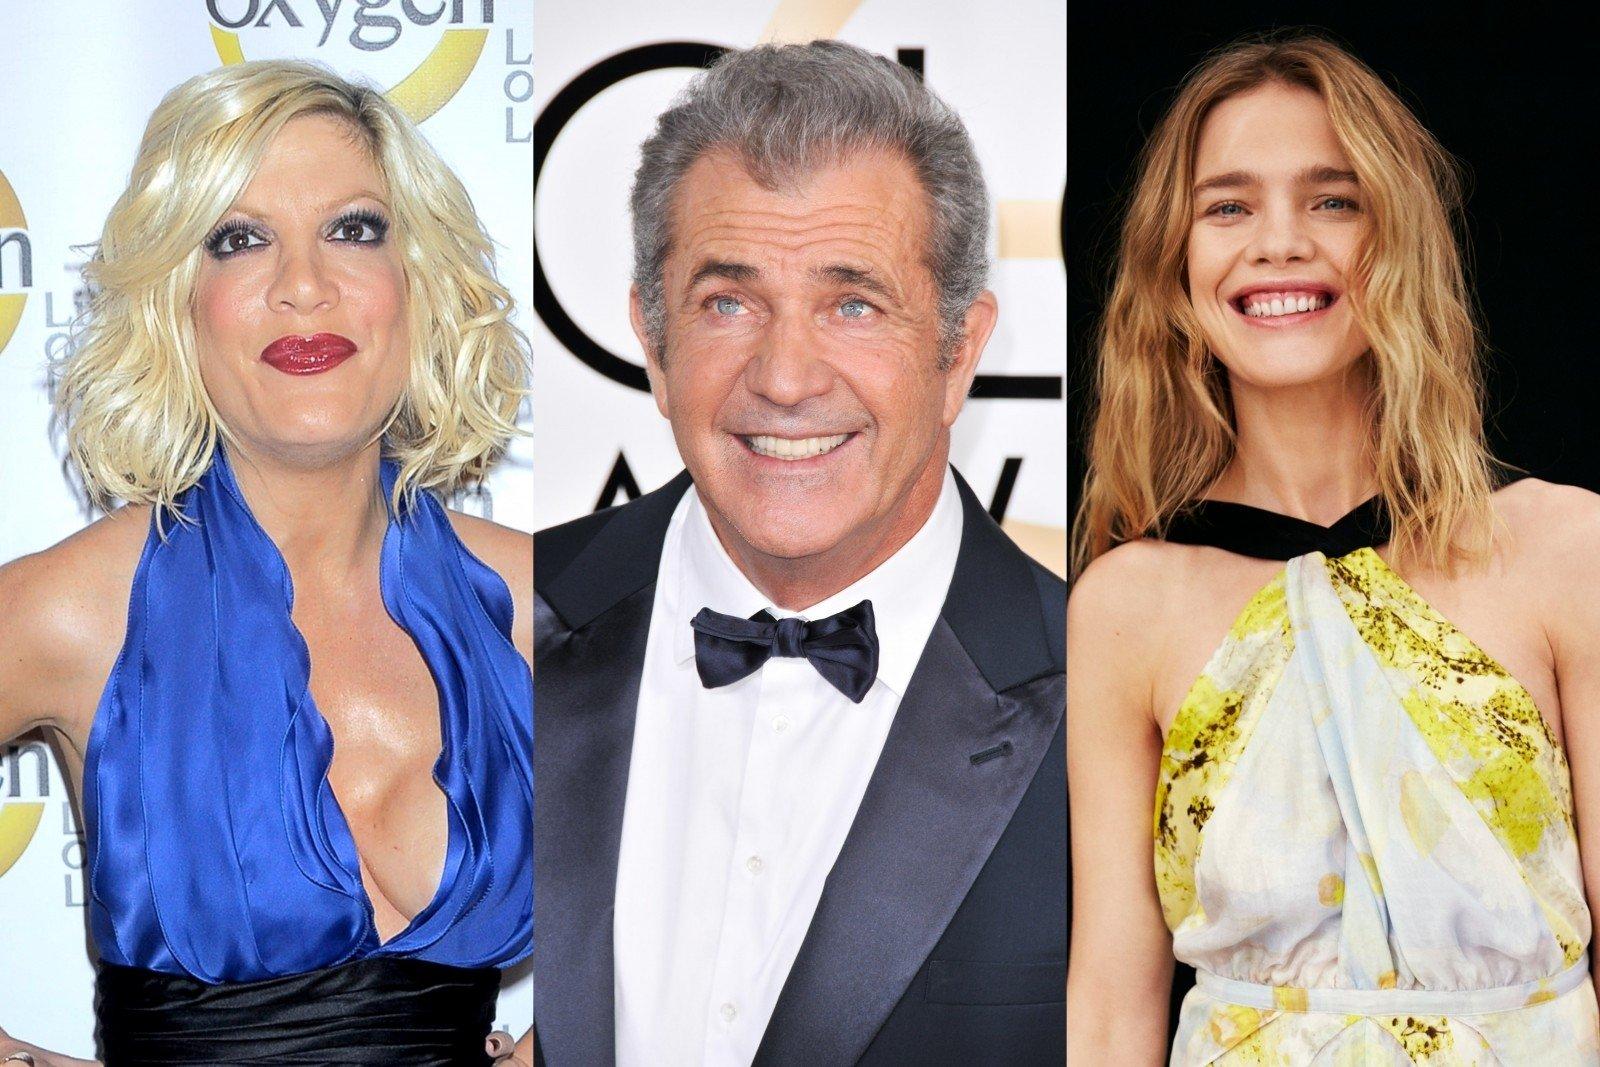 Holivudo zvaigzdziu nariu matmenys Kaip galite padidinti varpos vaizdo irasa